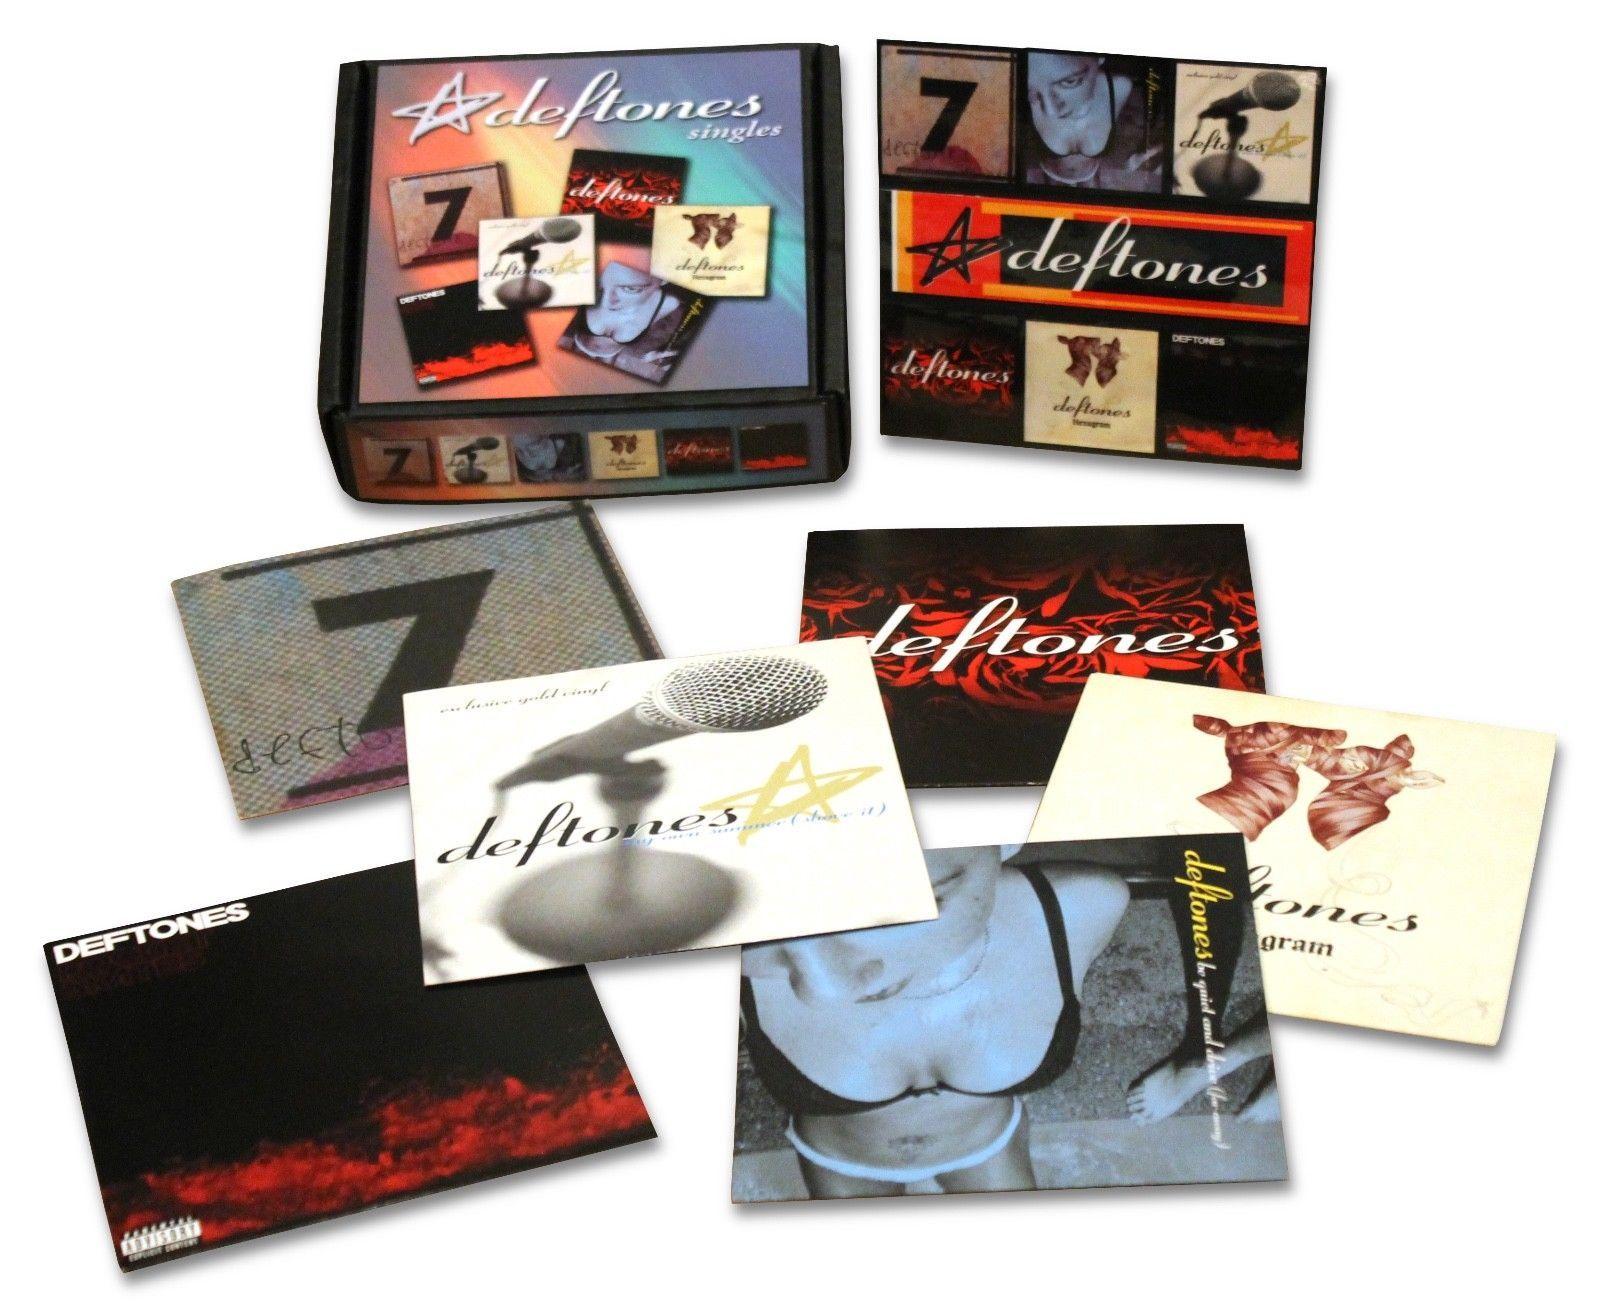 Deftones 7 Vinyl Record Custom Box Set Includes 6 Promo Singles More Vinyl Records Custom Boxes Vinyl